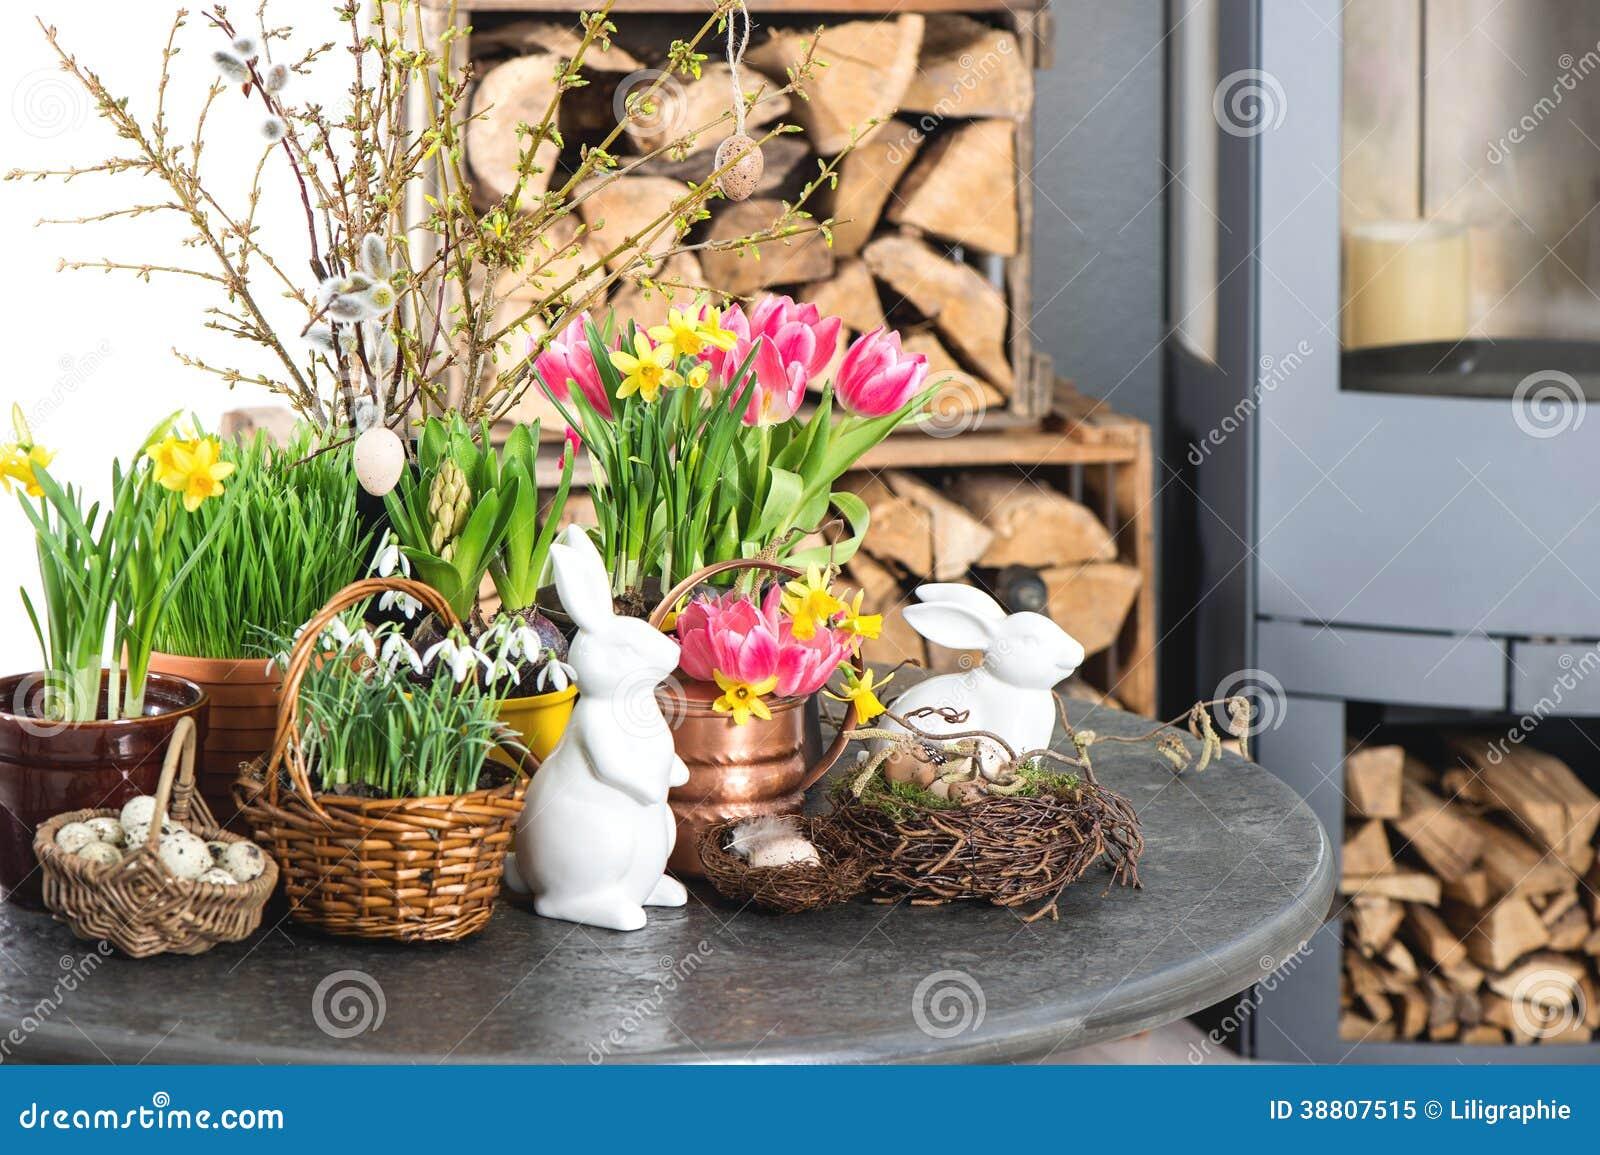 Intérieur de maison avec des fleurs décoration de pâques photo stock